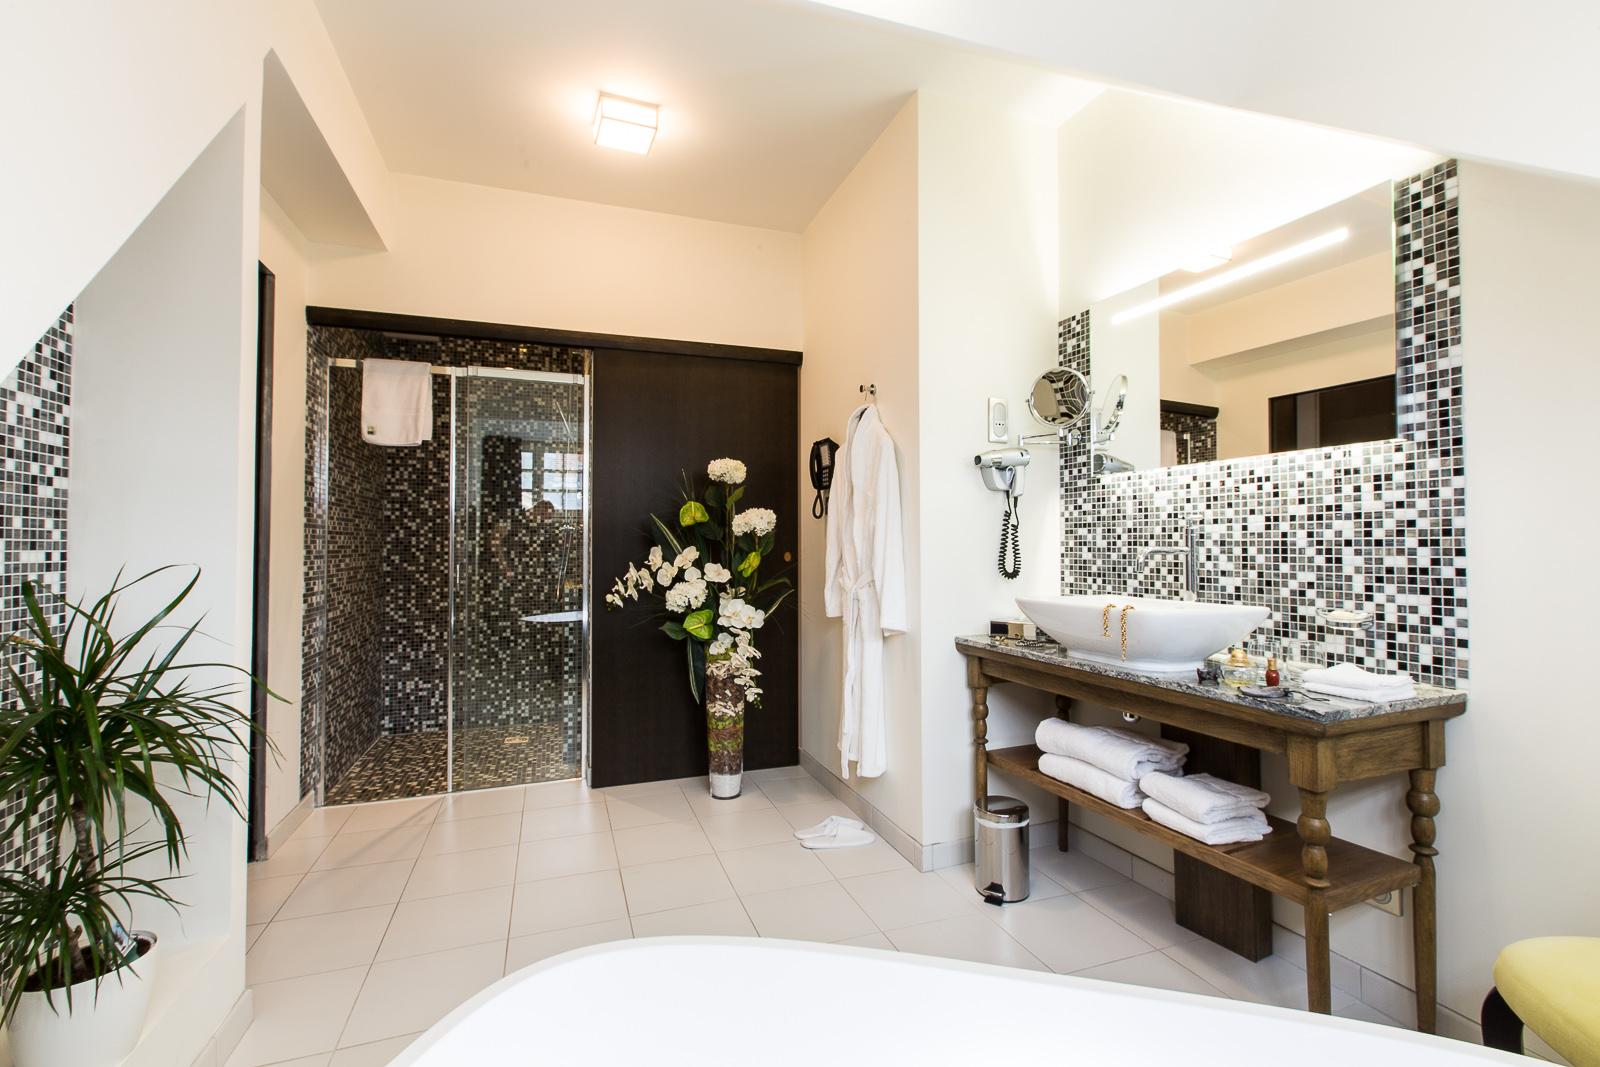 Hotel Marotte amiens chambre superieur douche